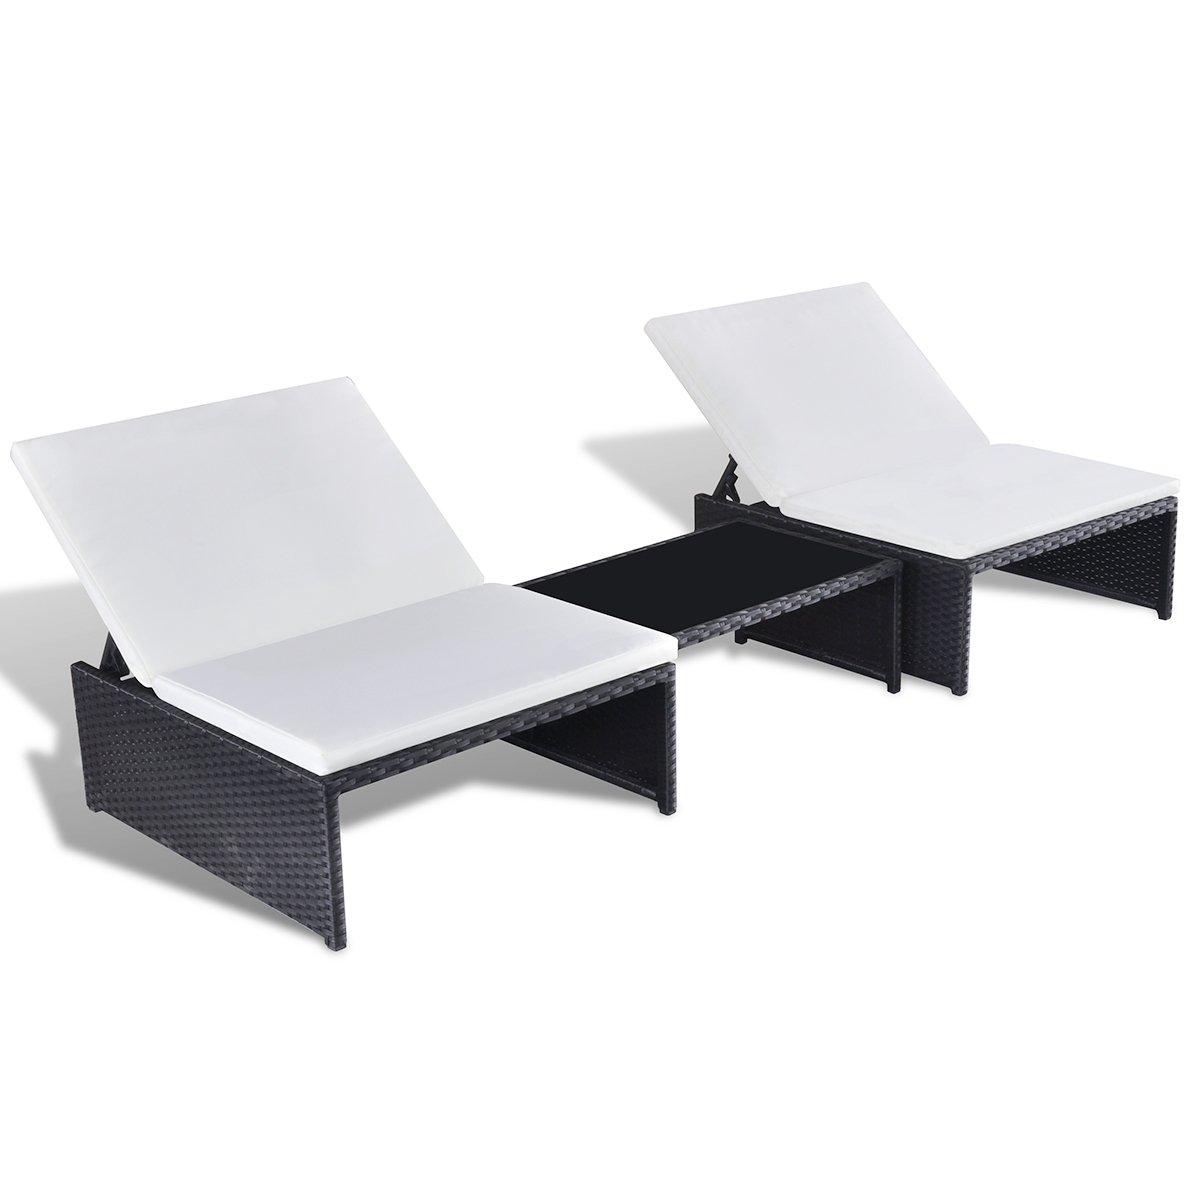 SSITG Poly Rattan Sonnenliege Lounge 2-er Liege Gartenmöbel Tisch verstellbare Lehne